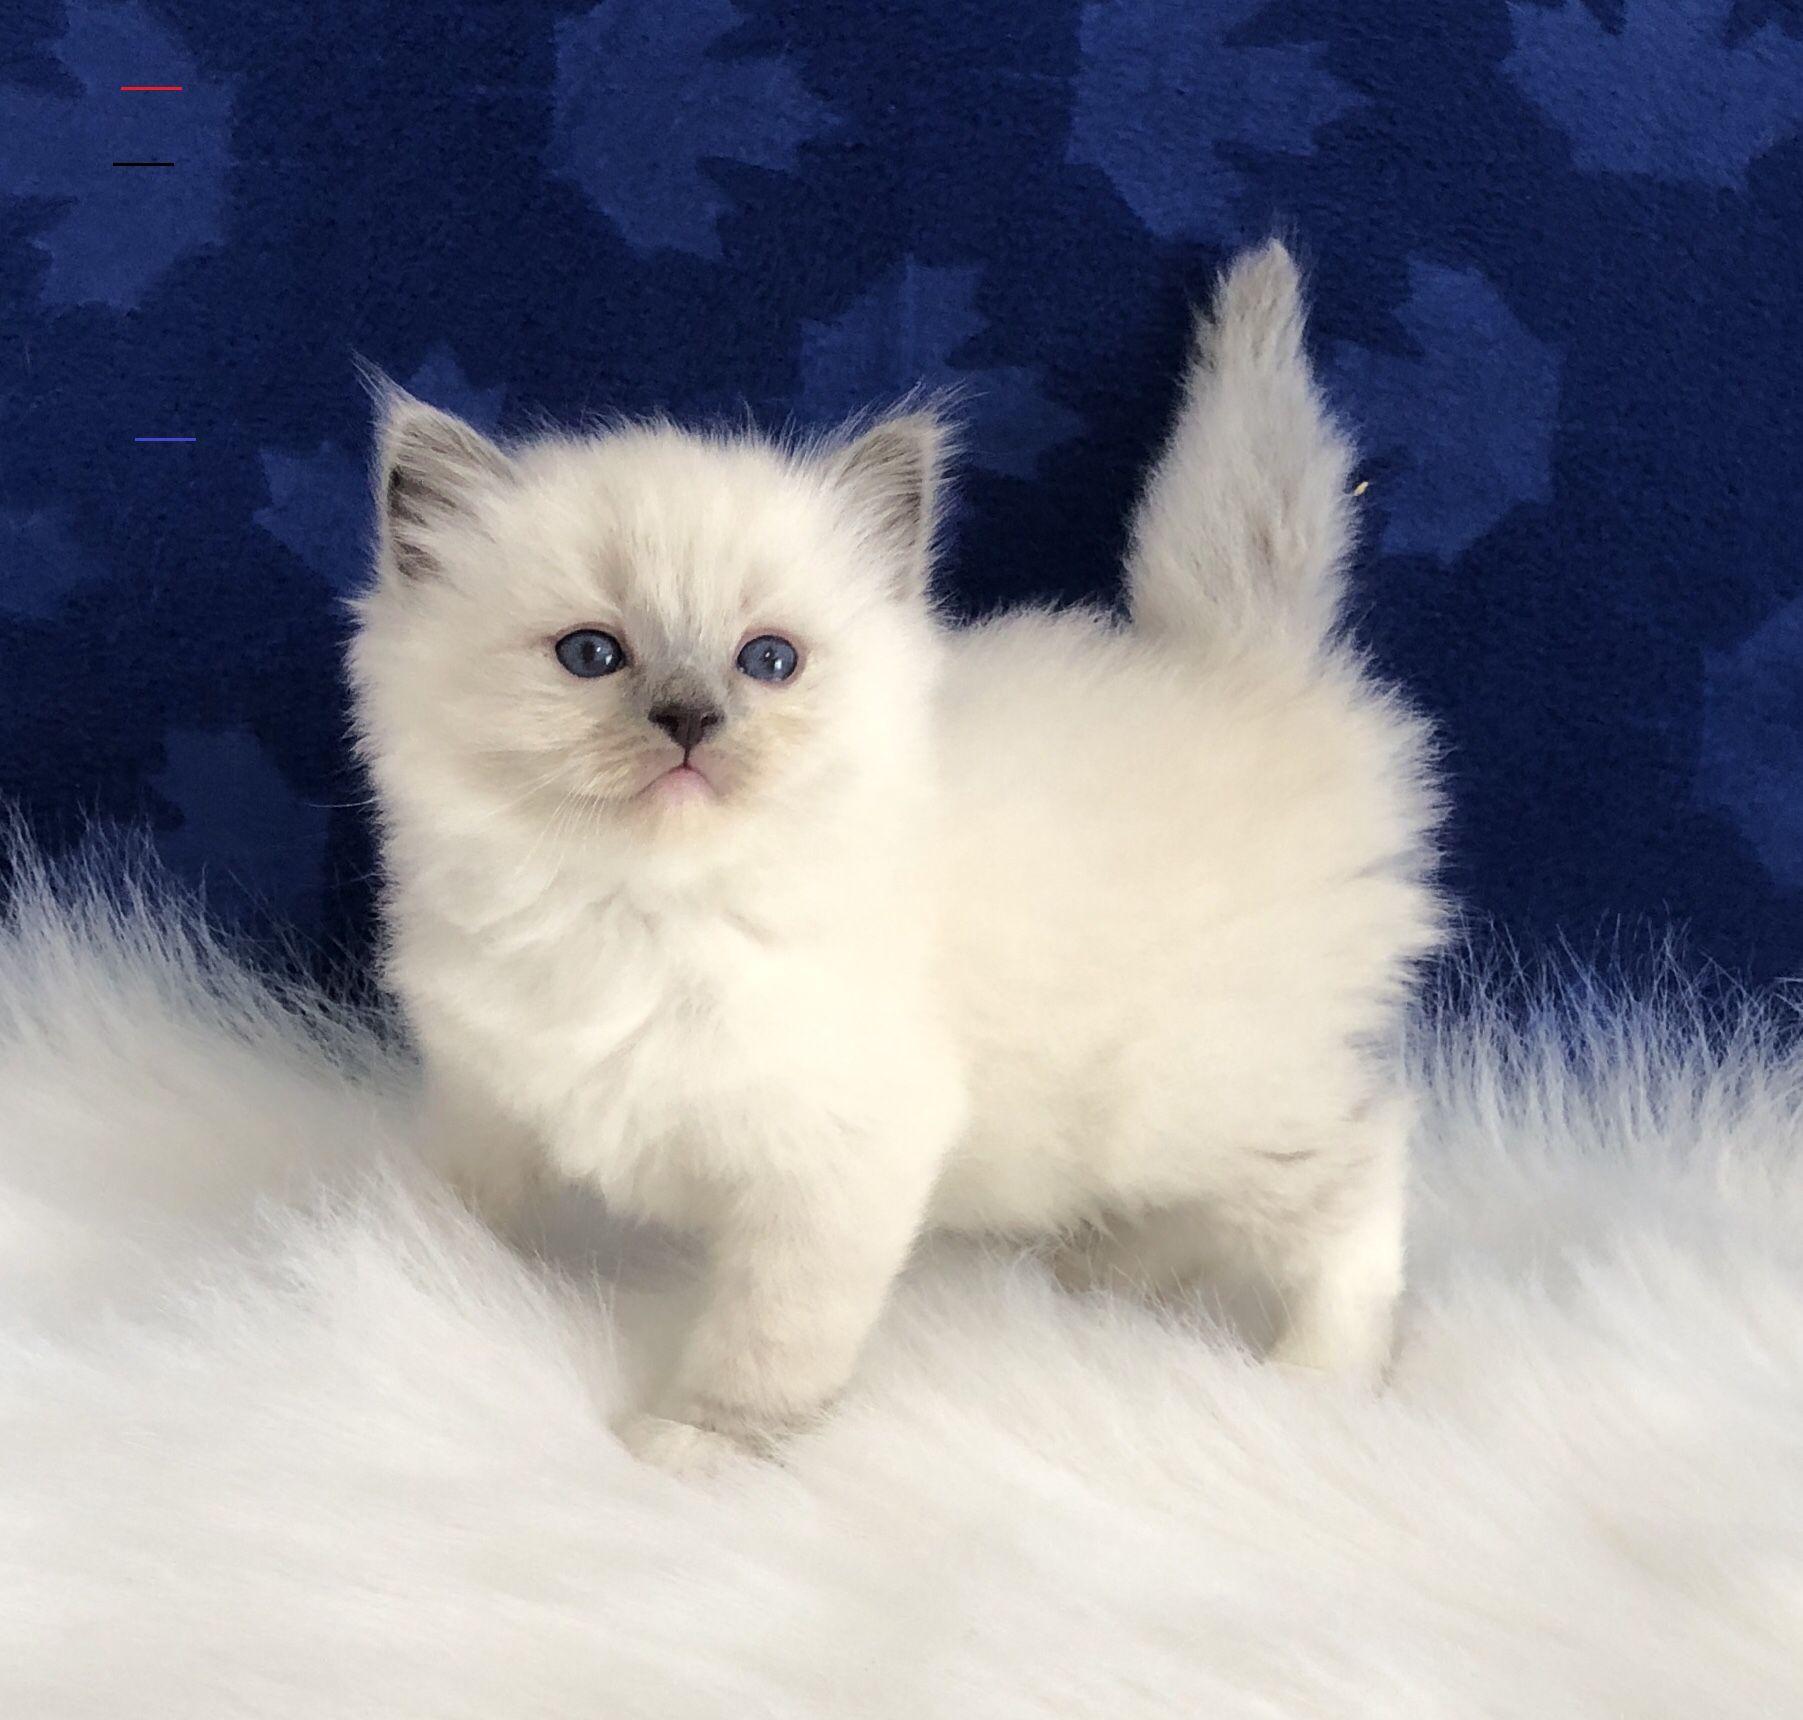 Ragdollkittens In 2020 Ragdoll Kittens For Sale Ragdoll Kitten Kitten For Sale